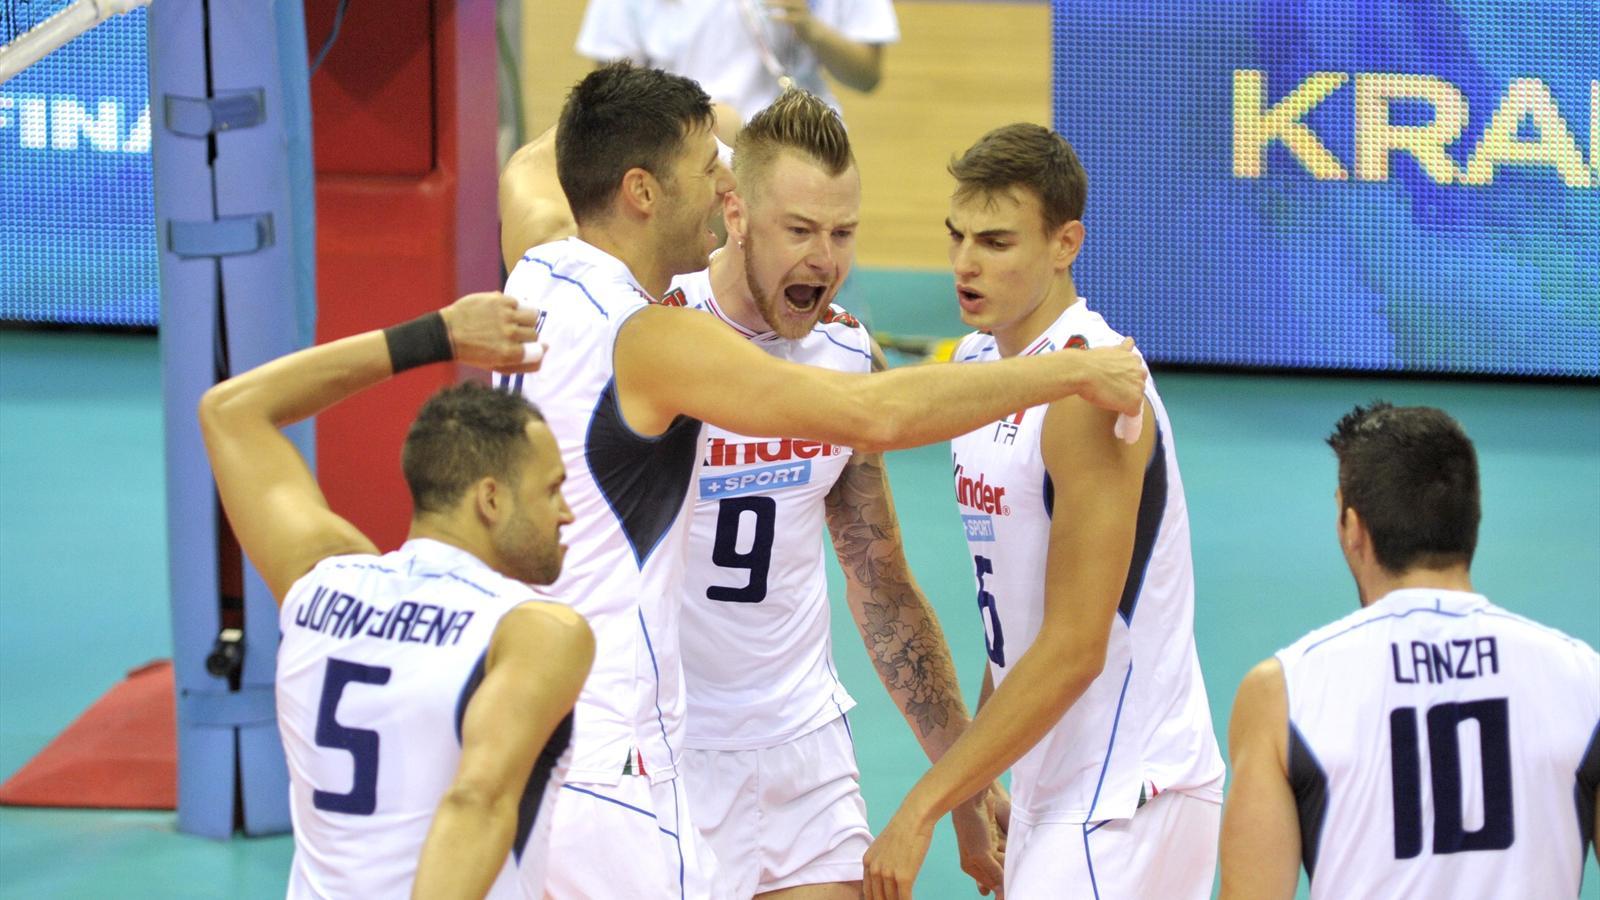 Italia, riscatto contro gli Stati Uniti: 3-1 e semifinali possibili